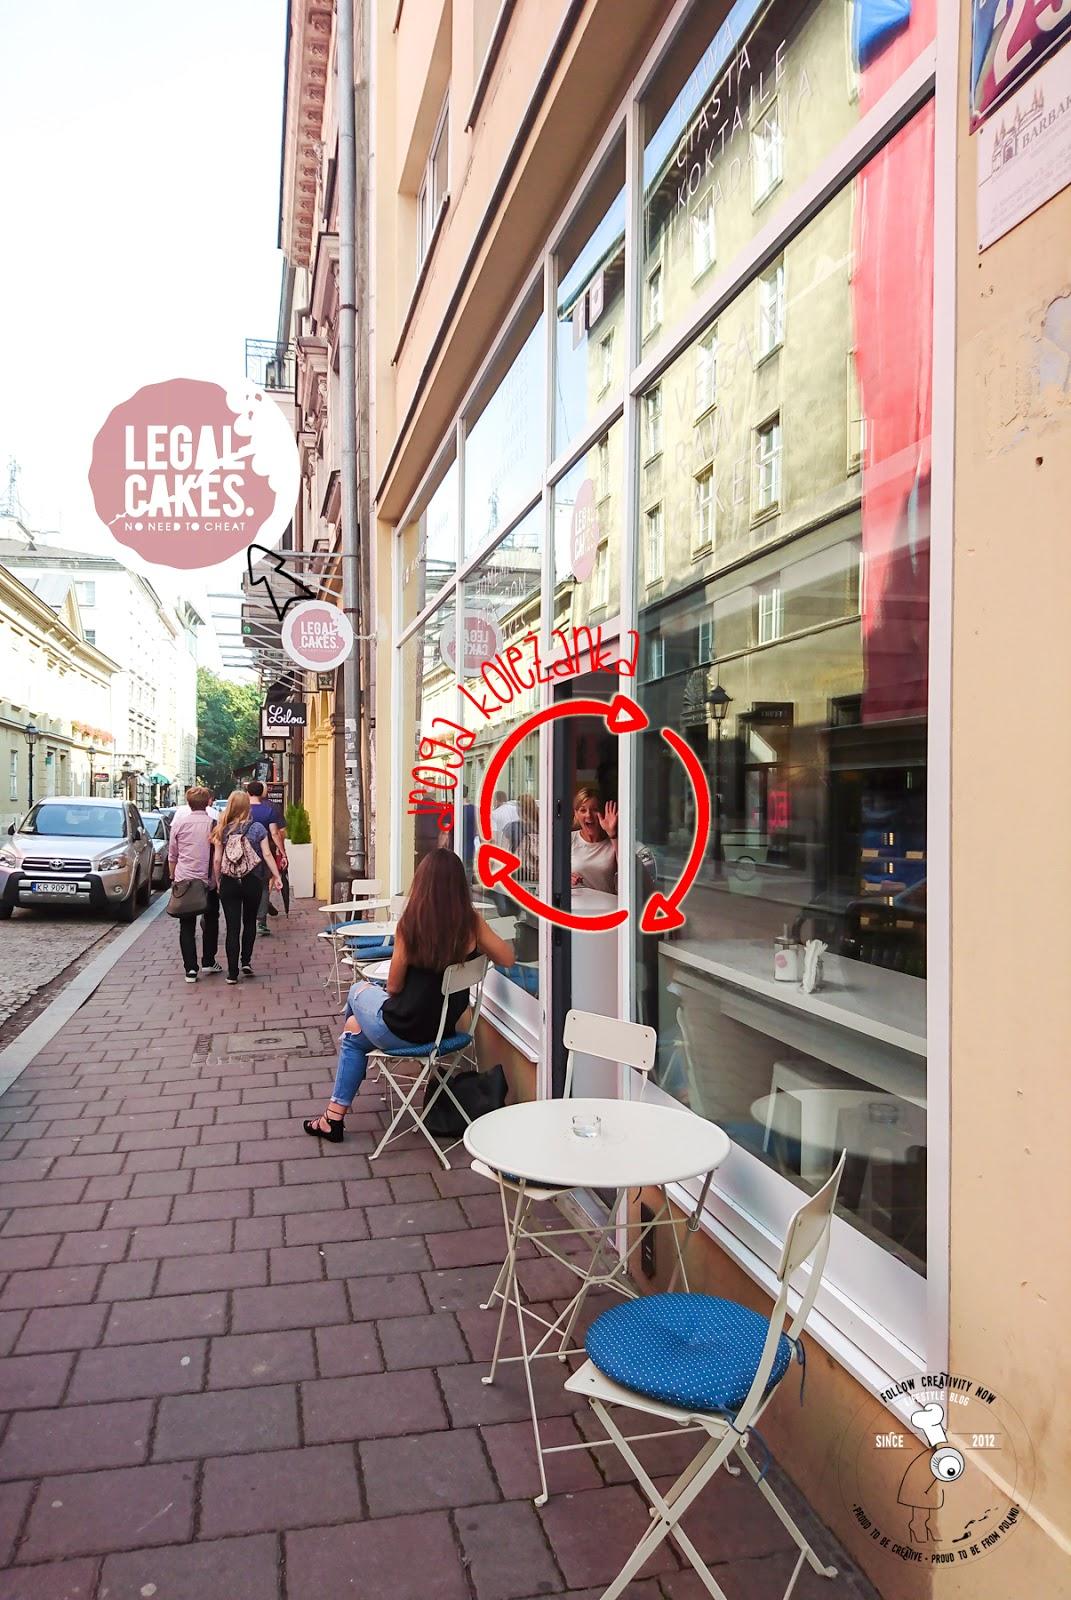 Gdzie Rozwazny Lasuch Chadzac Powinien Legel Cakes Krakow Follow